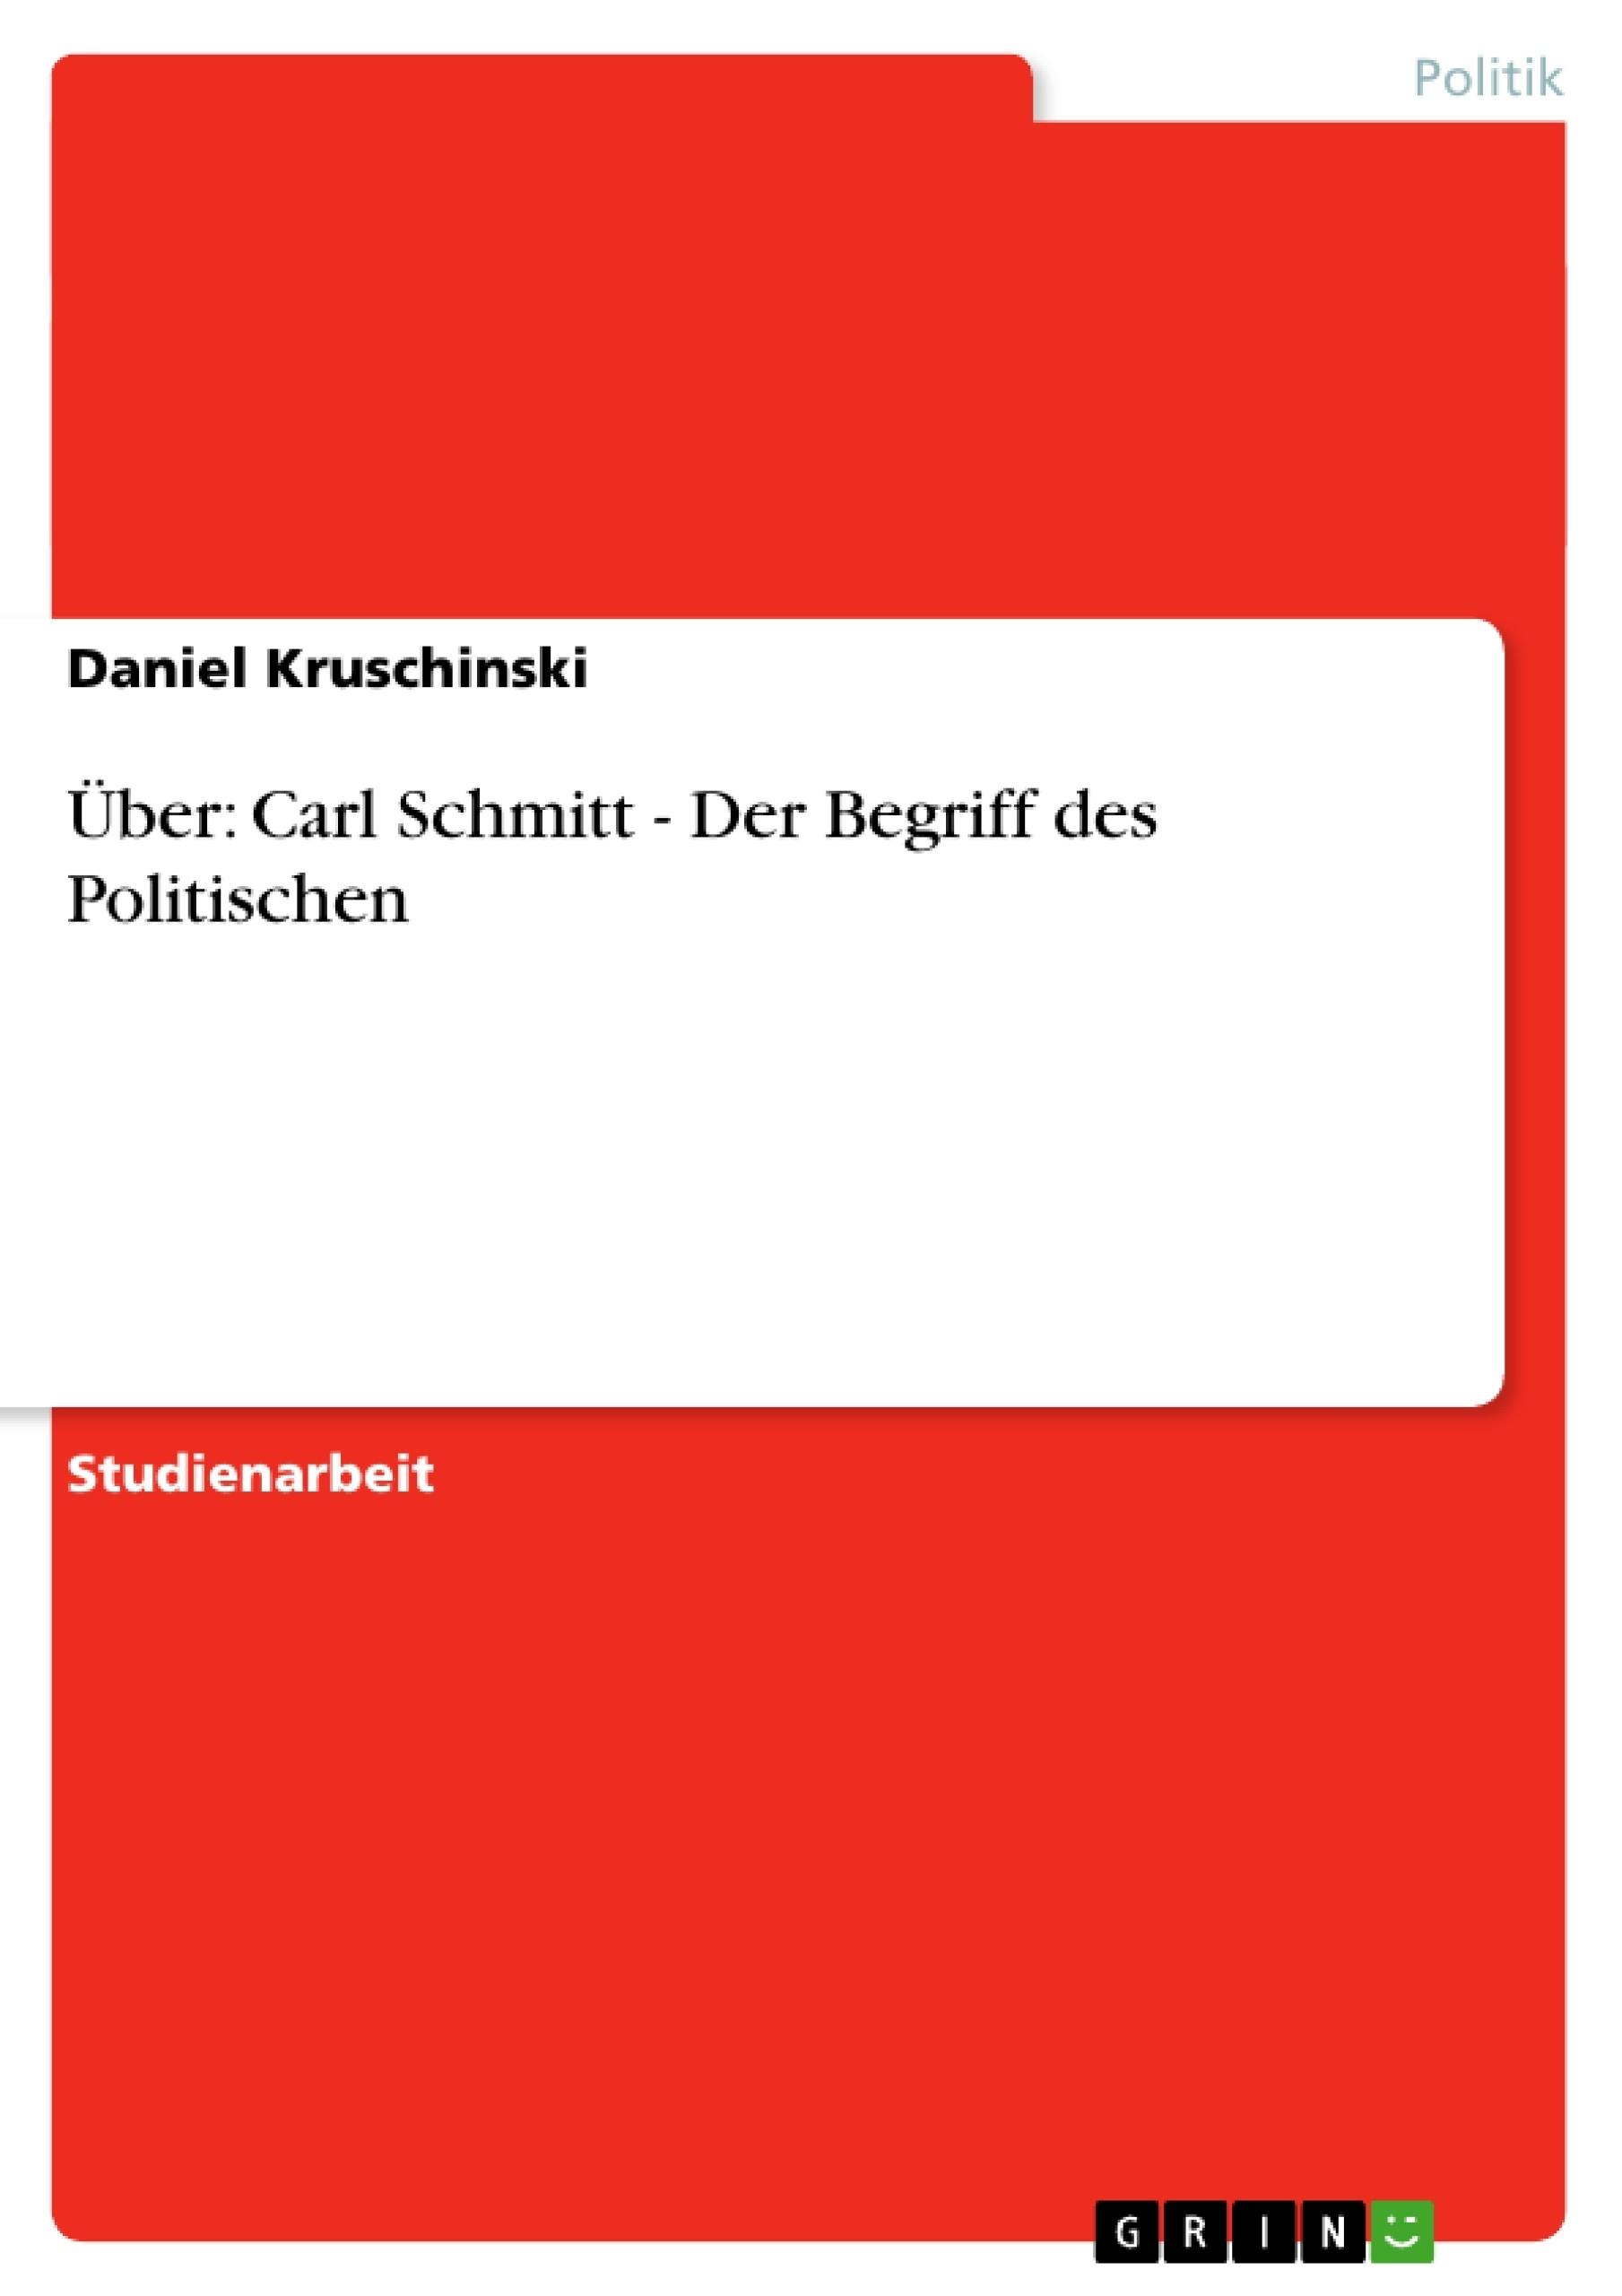 Titel: Über: Carl Schmitt - Der Begriff des Politischen